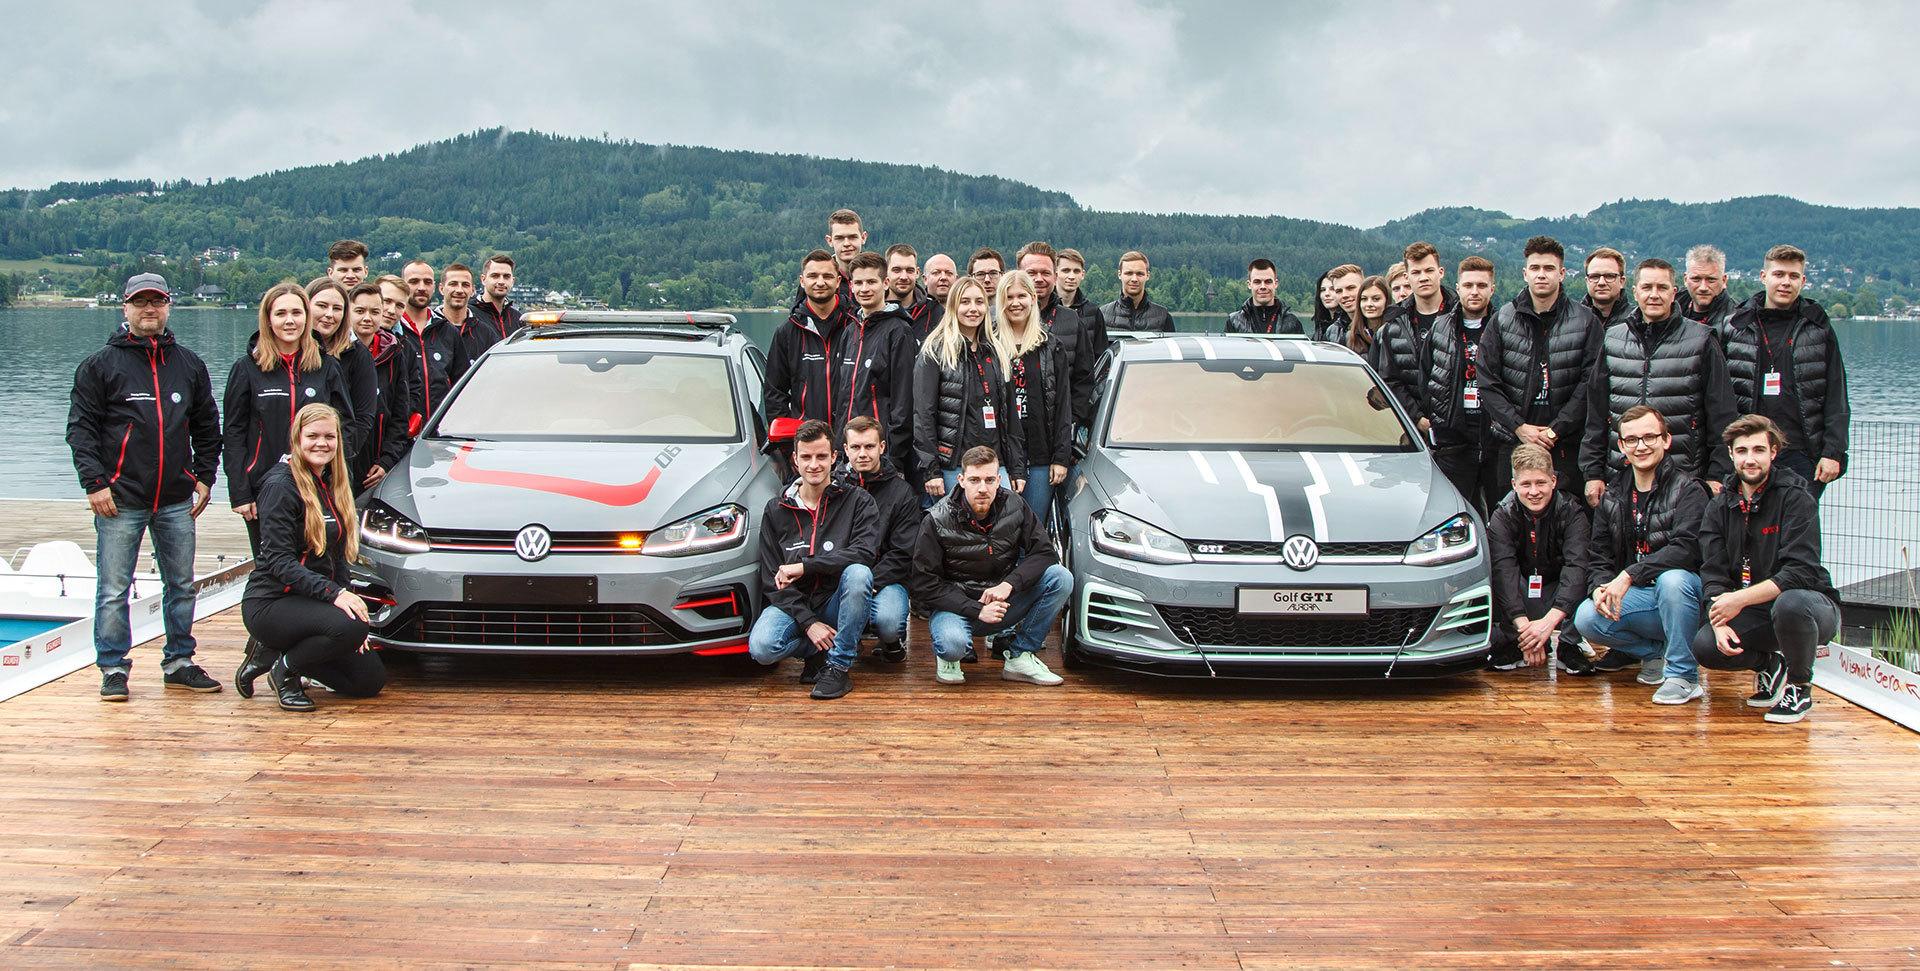 Volkswagen Golf Gti Aurora Estate Fighter 2019 07